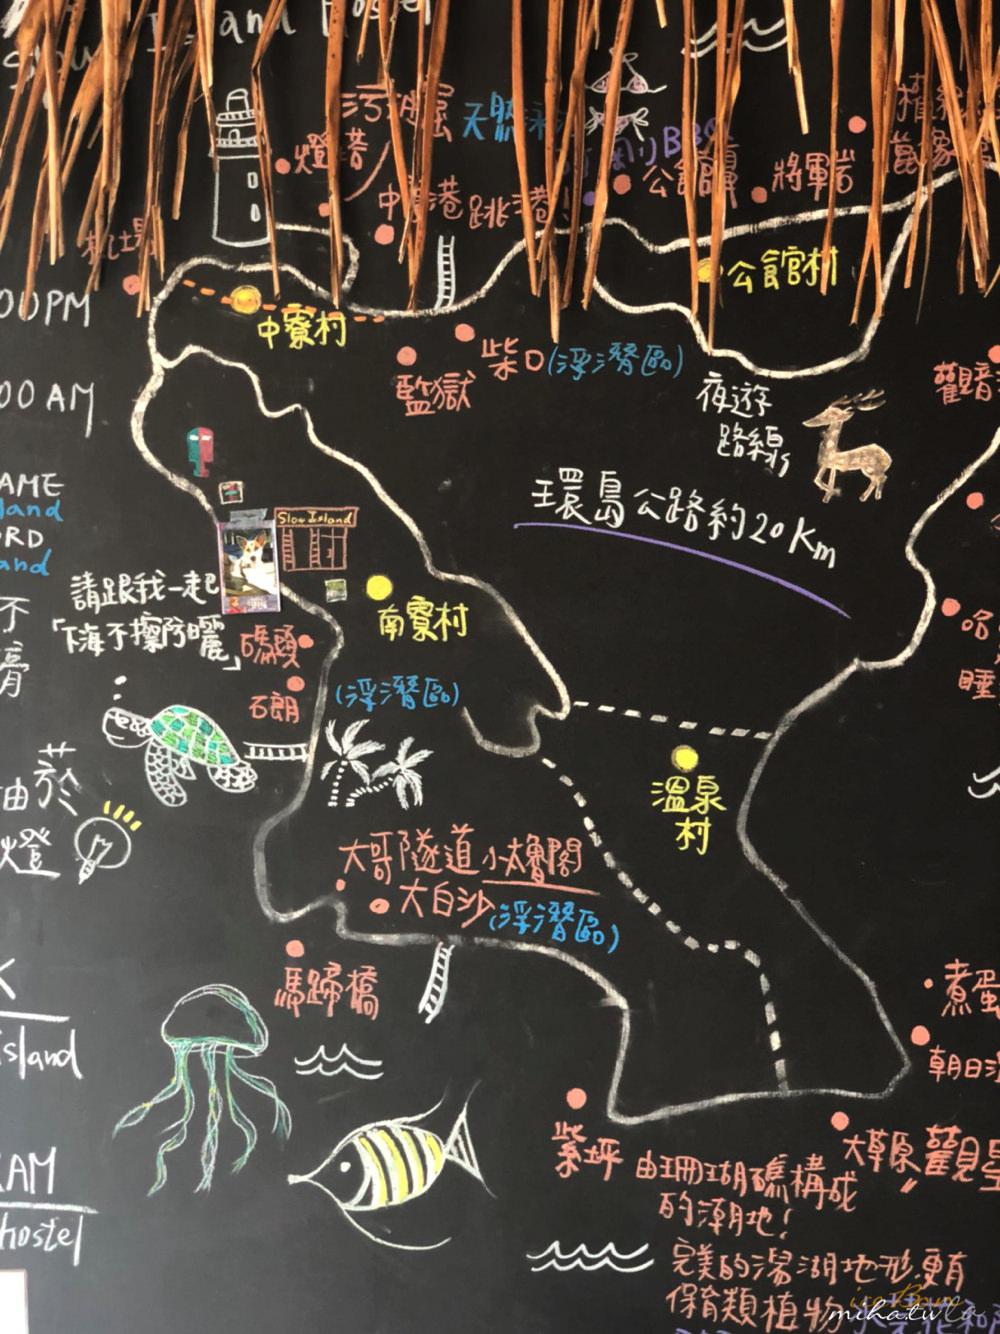 綠島自由行,綠島兩天一夜,綠島行程,綠島套裝行程,綠島綠海小築民宿,綠島民宿,綠島好玩,綠島景點,綠島餐廳